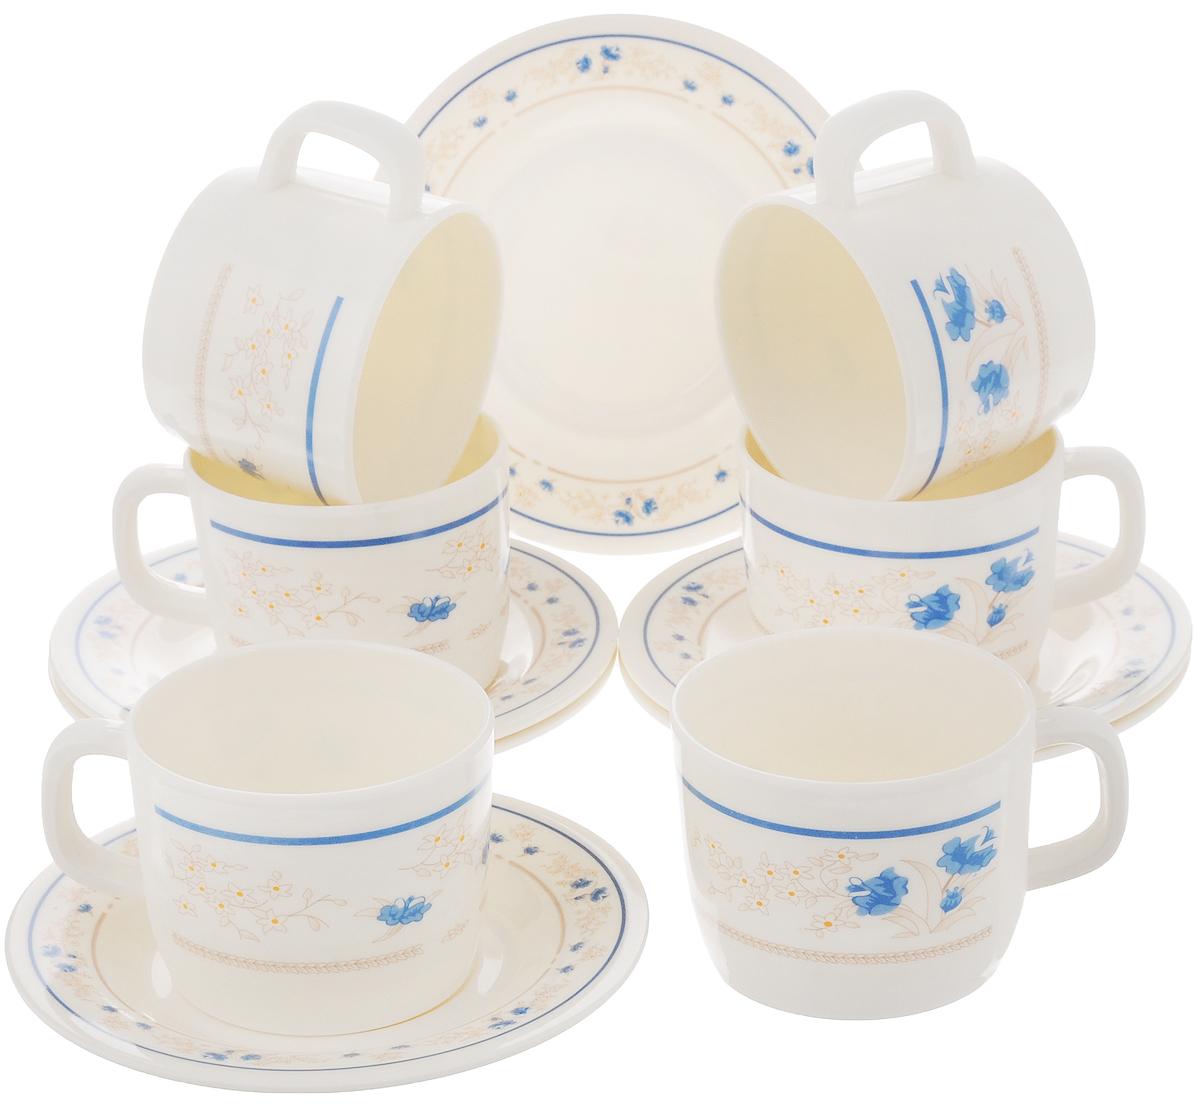 Набор чайный Calve, цвет: белый, синий, 12 предметовCL-2509_белый, синий цветокЧайный набор Calve состоит из шести чашек и шести блюдец, выполненных из меламина. Изделия оформлены ярким рисунком. Изящный набор эффектно украсит стол к чаепитию и порадует вас функциональностью и ярким дизайном. Можно мыть в посудомоечной машине. Диаметр чашки (по верхнему краю): 8 см. Высота чашки: 6 см. Объем чашки: 240 мл. Диаметр блюдца: 14,5 см. Высота блюдца: 1,5 см.